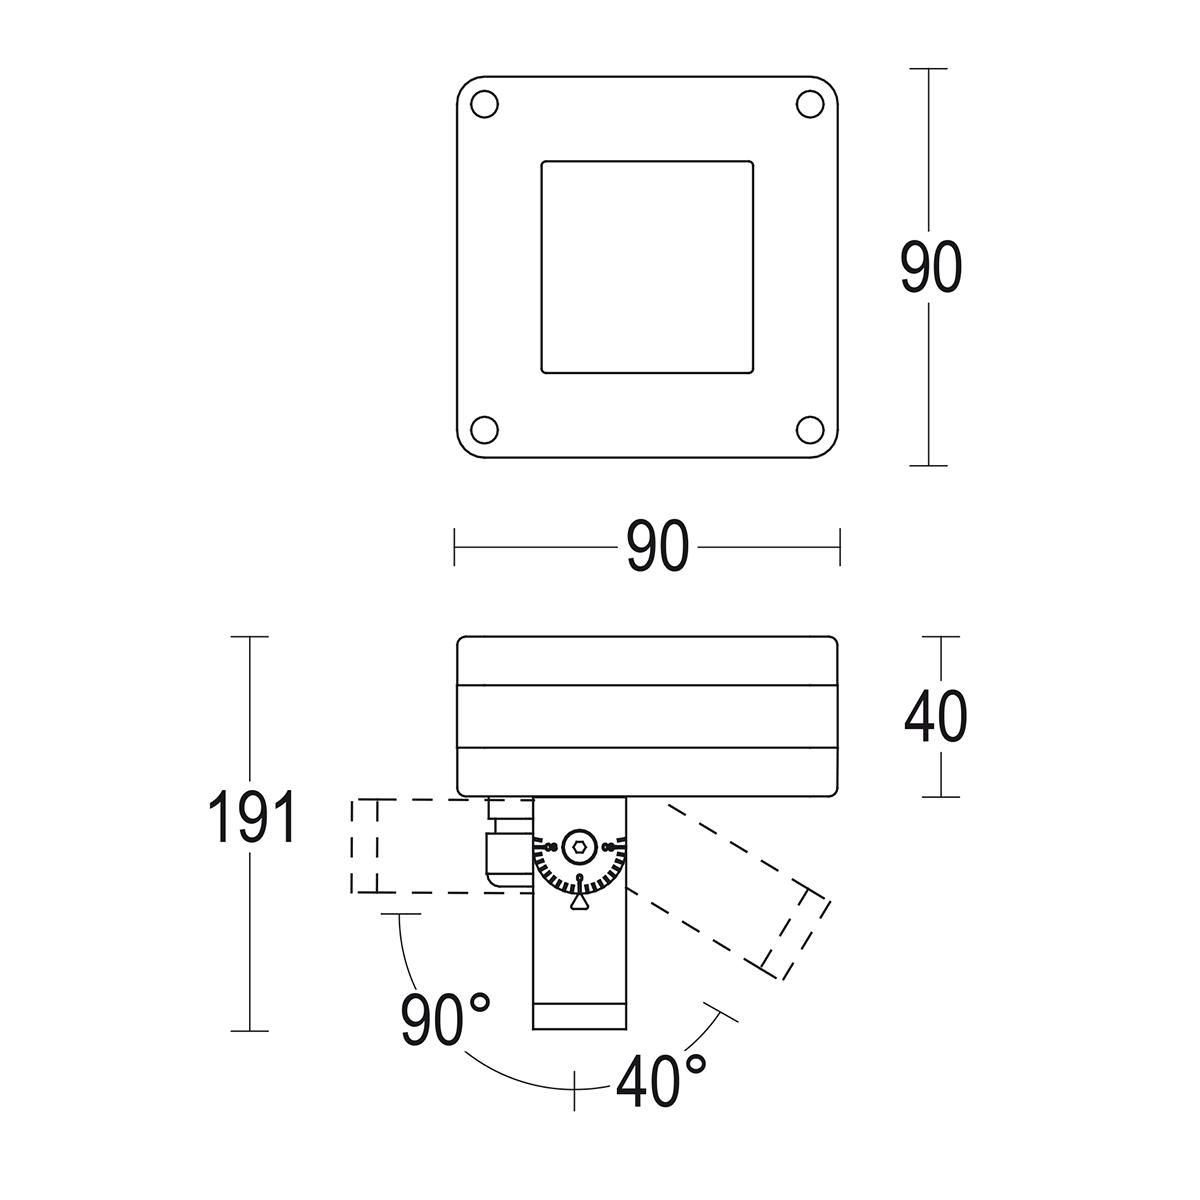 чертеж Microfaro flat 90 Ghidini уличный светильник GH1396.LVFT300EN